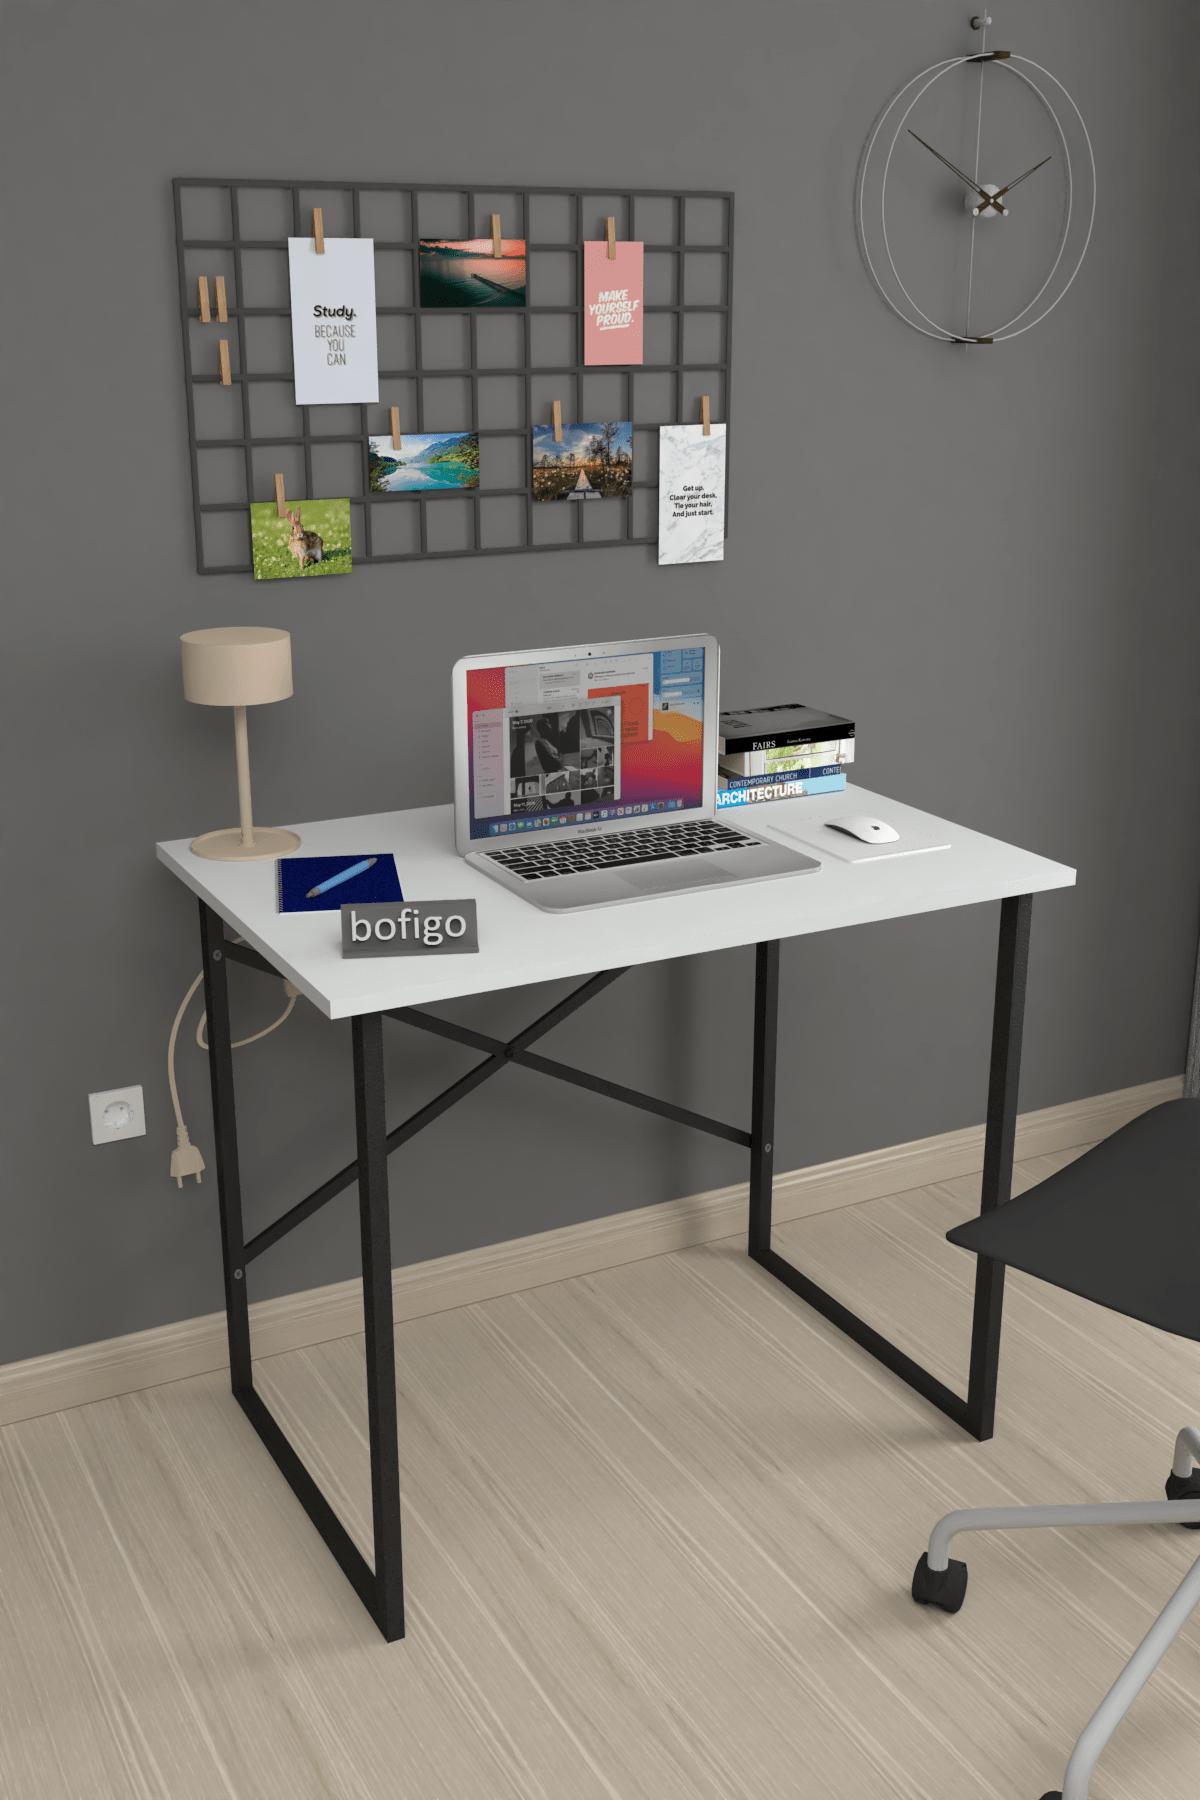 Bofigo 60x90 cm Çalışma Masası Laptop Bilgisayar Masası Ofis Ders Yemek Cocuk Masası Beyaz 1